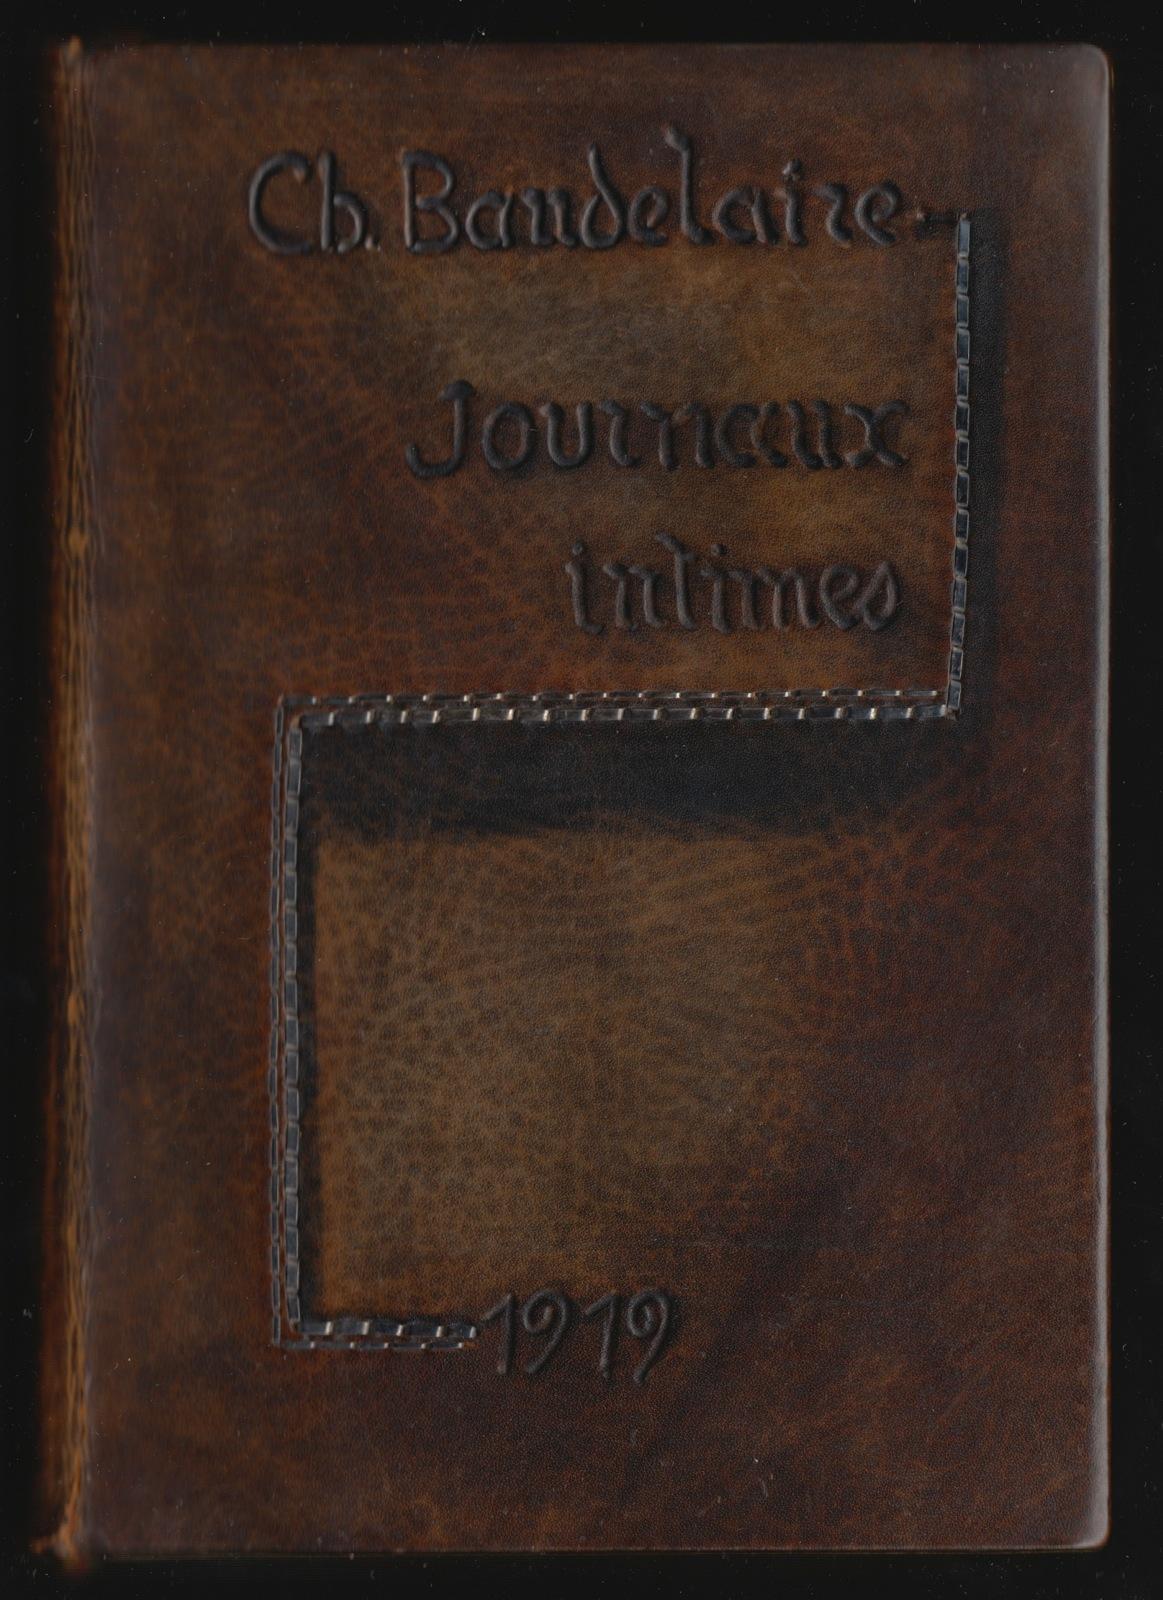 baudelaire-charles-journaux-intimes-paris-georges-cres-et-cie-1919-in-12-veau-a-decor-teinte-de-points-irreguliers-decor-d-agrafes-en-argent-souligne-d-une-ombre-peinte-titre-au-centre-a-froid-encadrement-interieur-forme-d-un--382_1